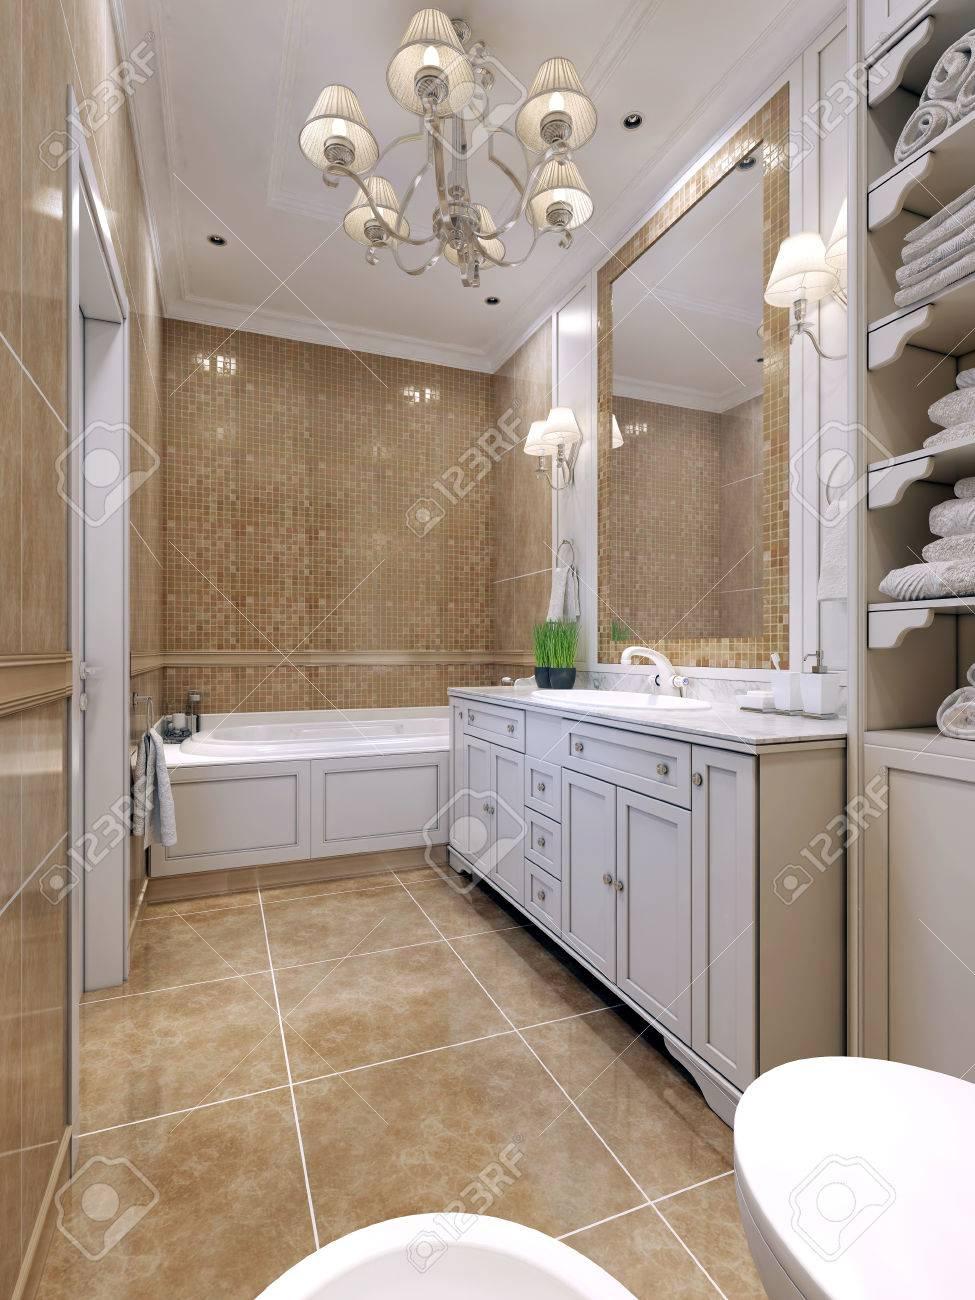 Badezimmer Art-Deco-Stil. Klassische Badezimmer Mit Weißen Möbeln ...